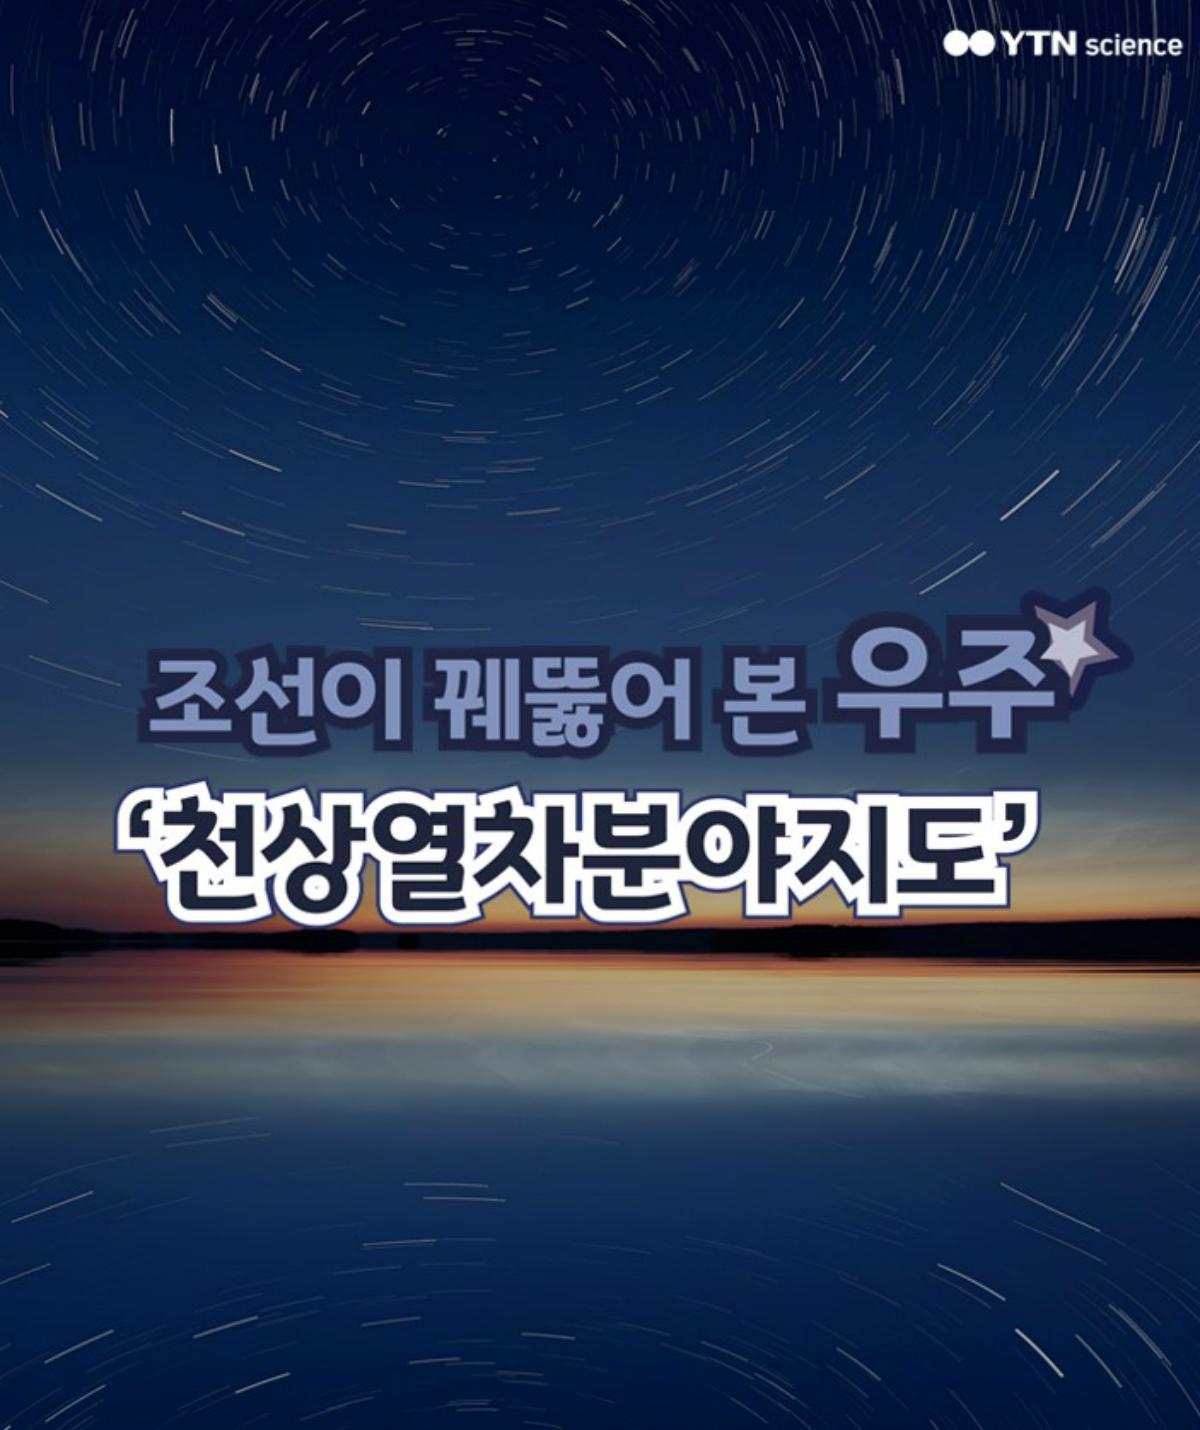 조선이 꿰뚫어 본 우주, '천상열차분야지도' 이미지